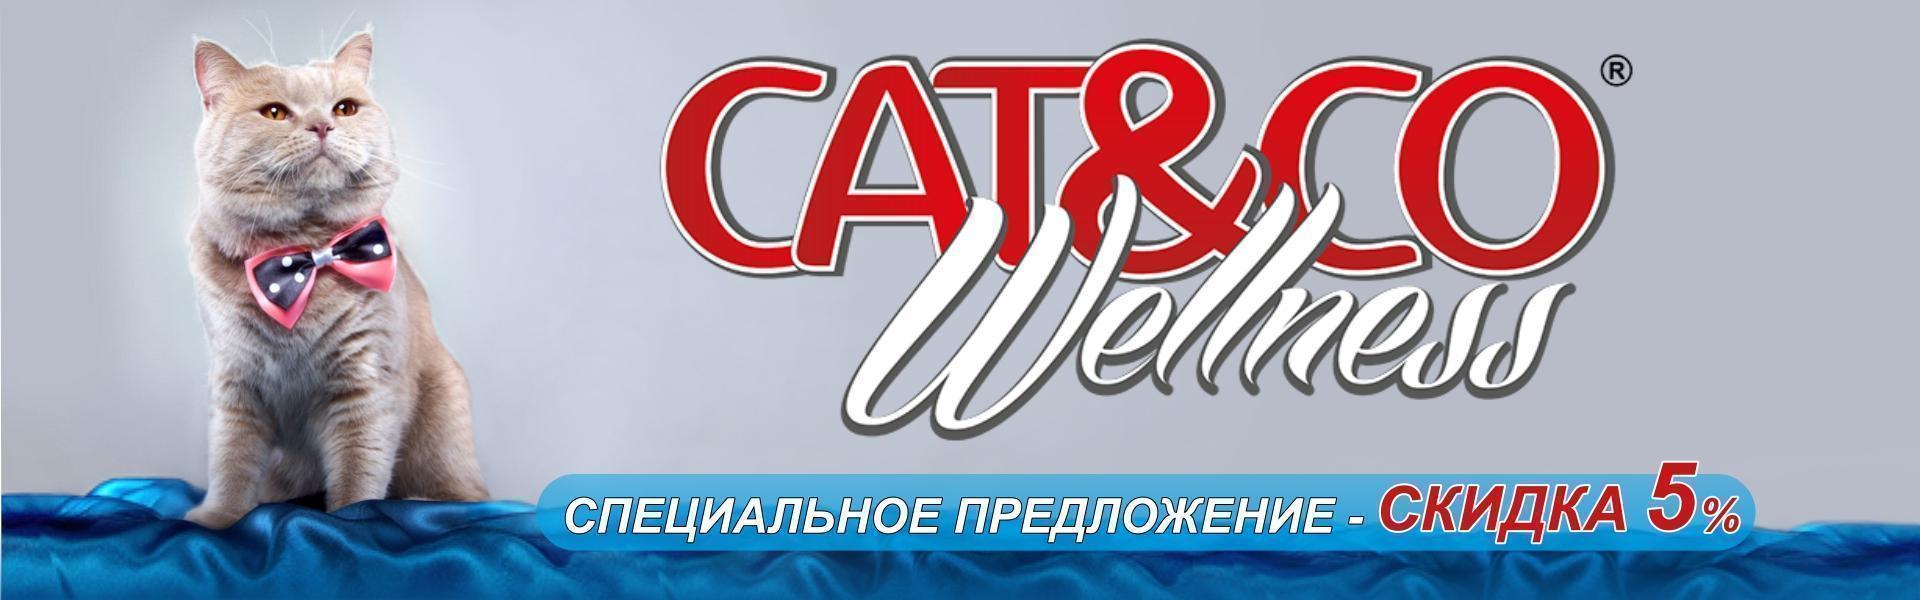 Cat&Co Wellness - специальное предложение скидка 5%!